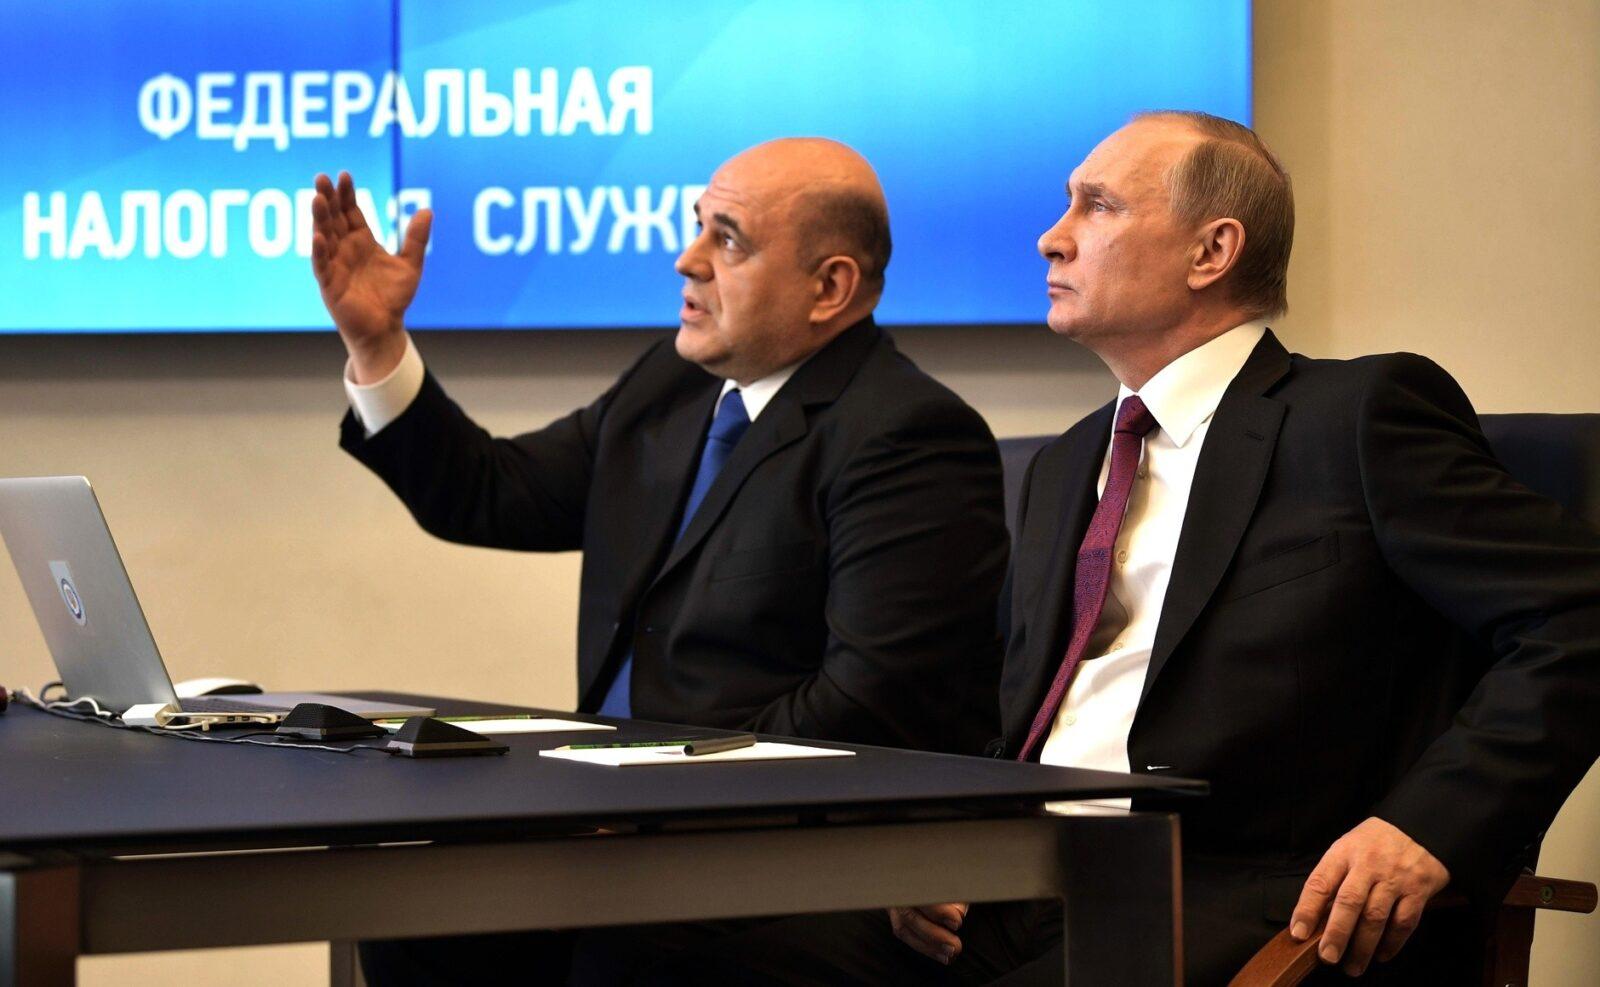 Путин и Мишустин начнут спасать экономику после голосования